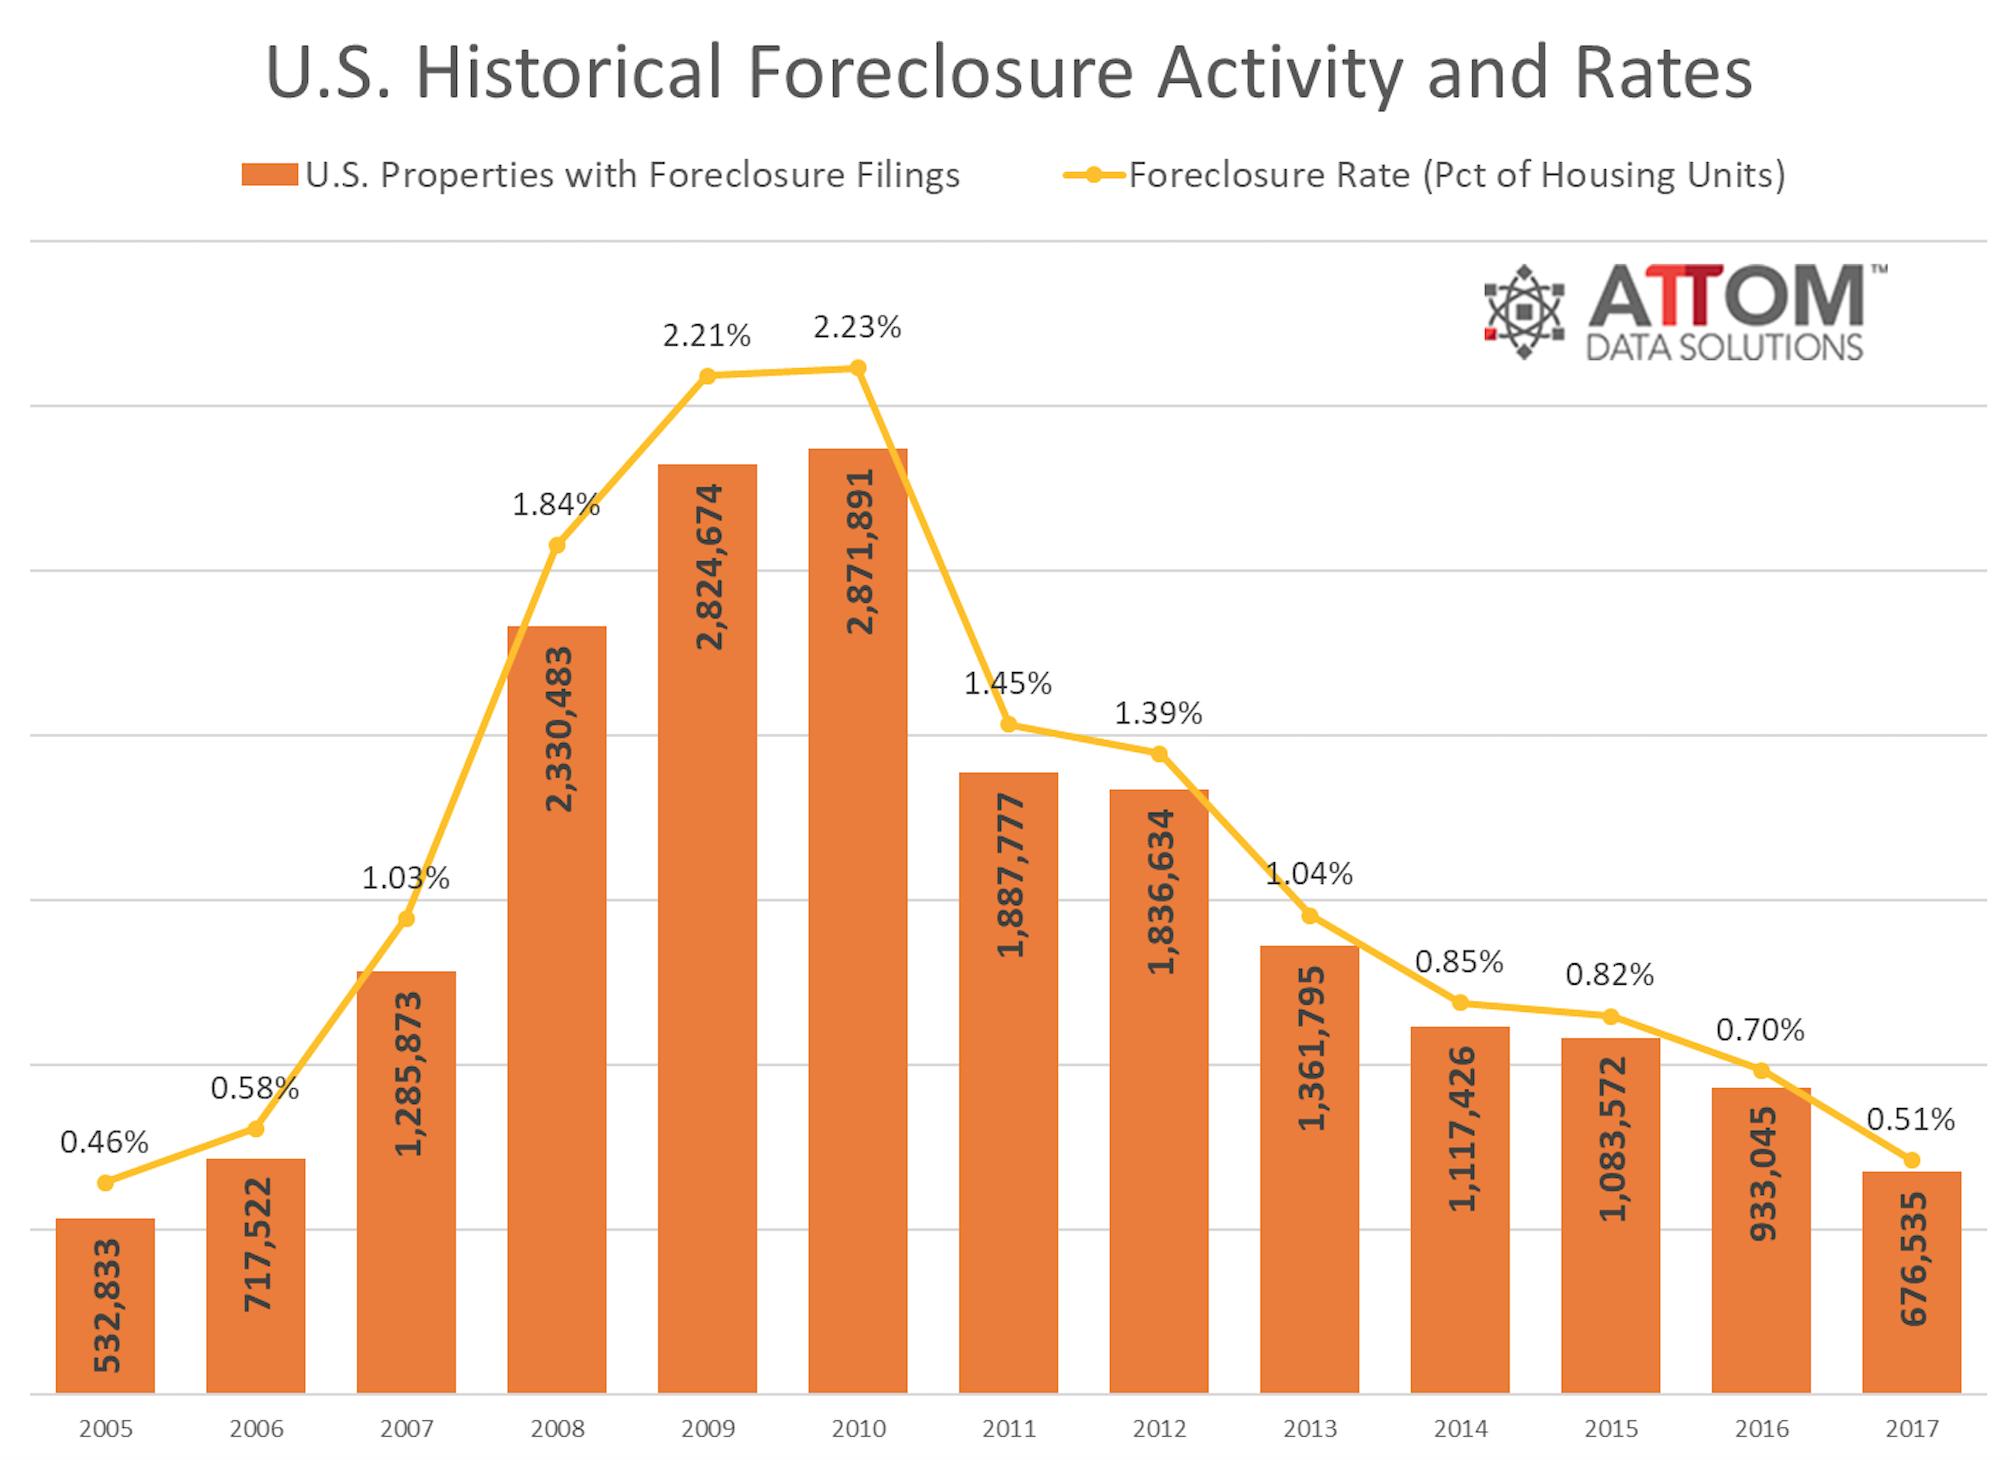 Historic Foreclosure Rates